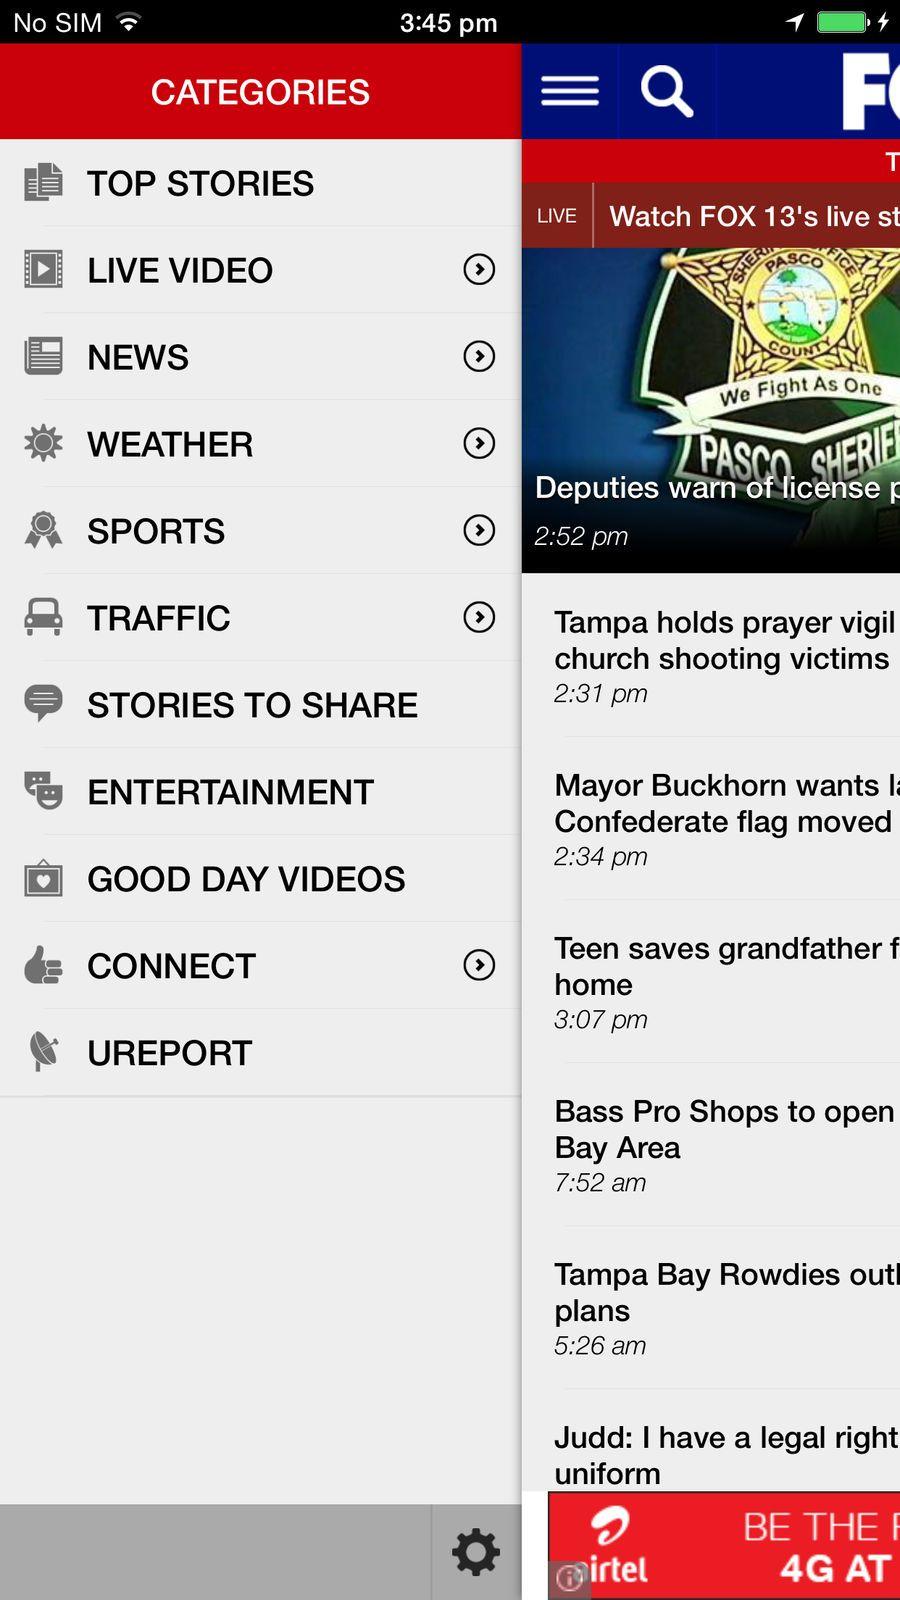 FOX 13 News Tampa Bay TelevisionFoxStationsios Tampa